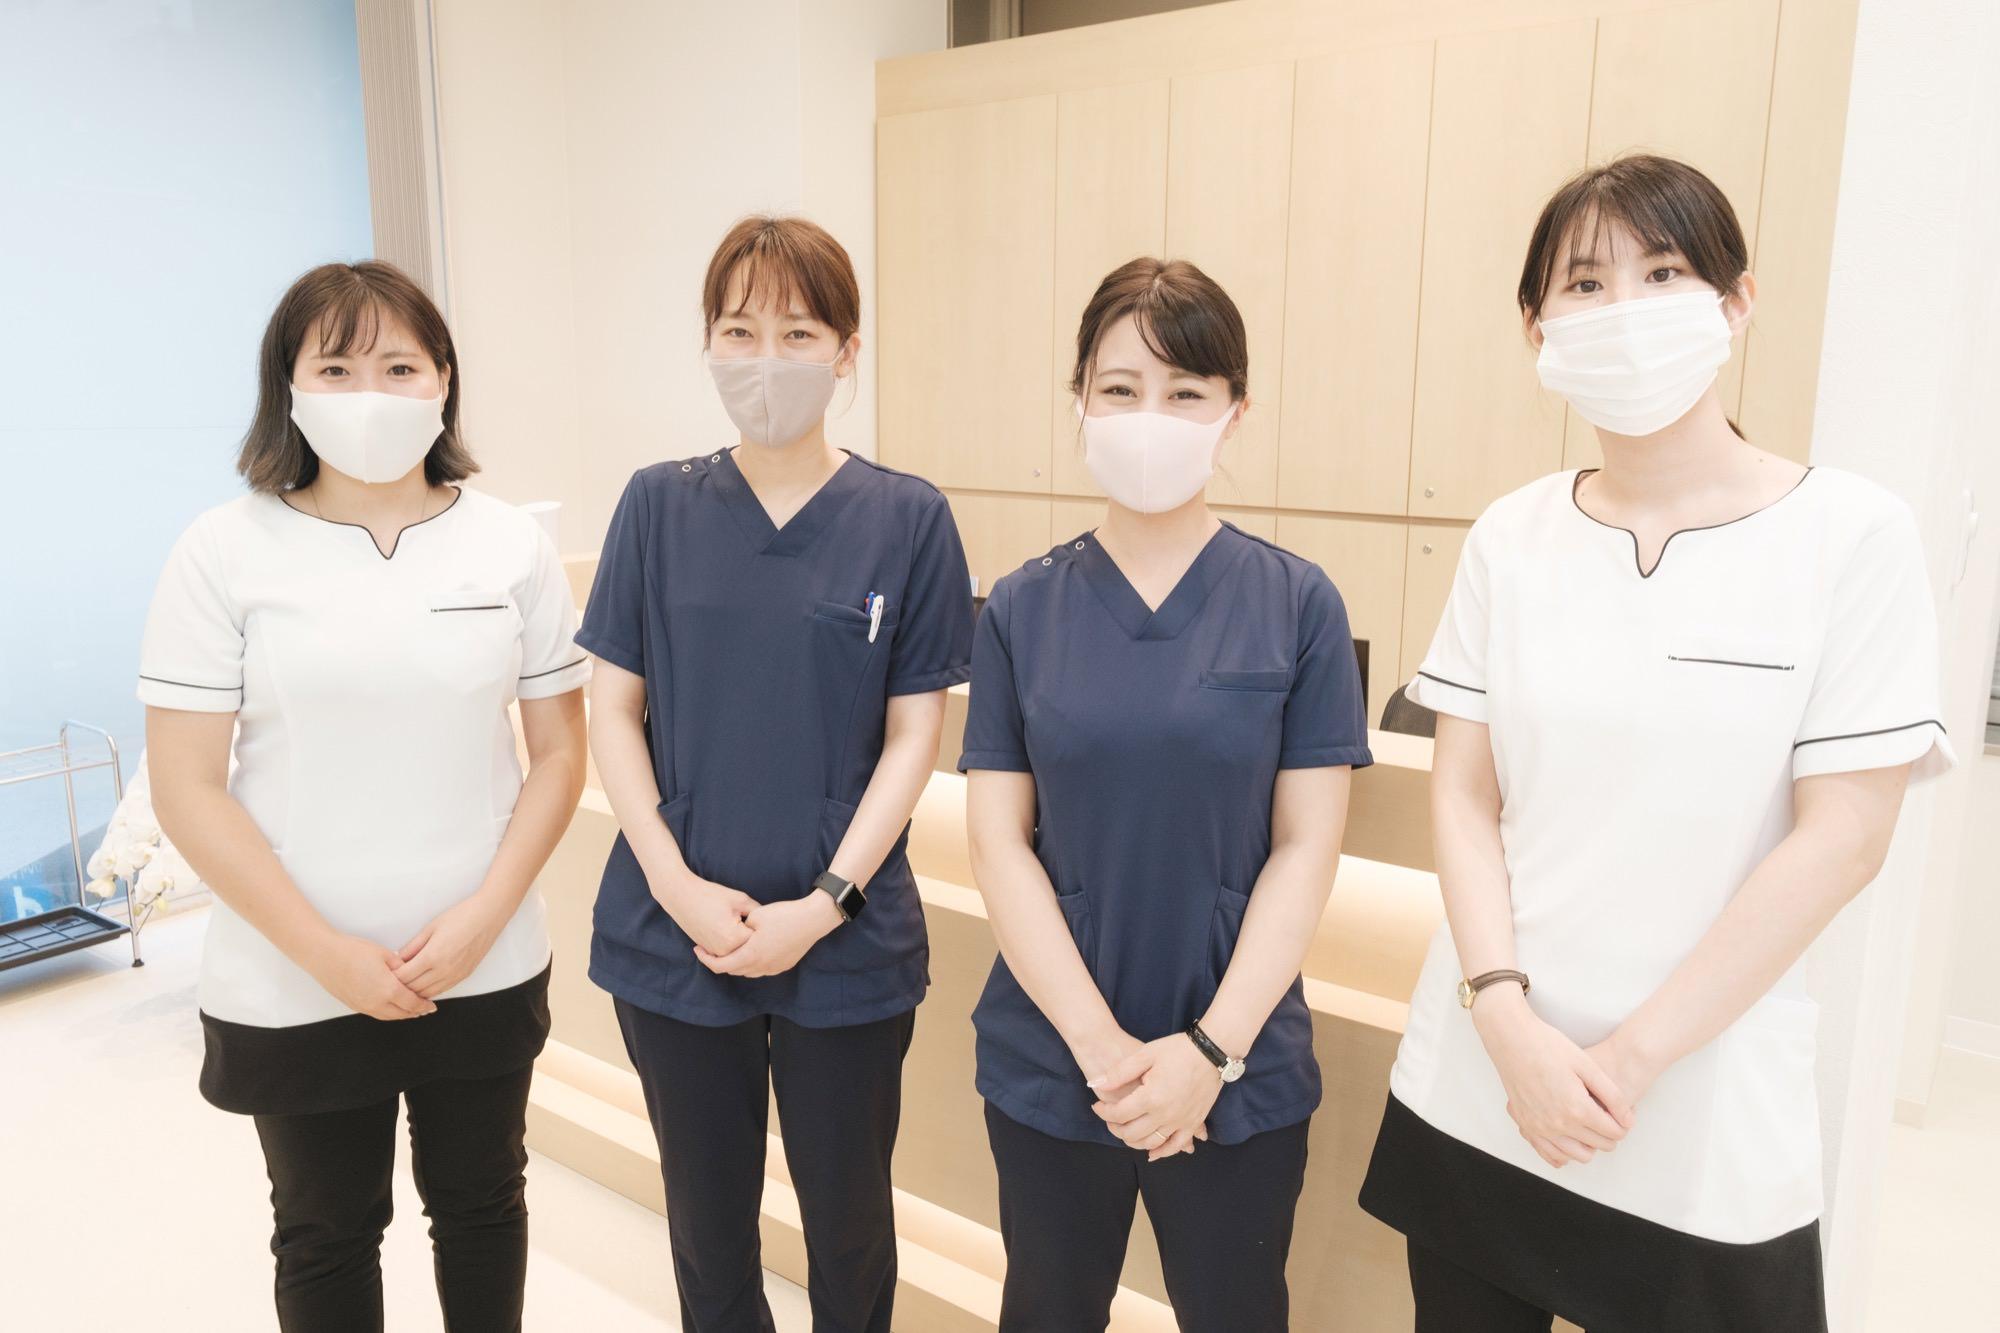 医療資格を持つ熟練のスタッフが患者様のご来院をお待ちしております